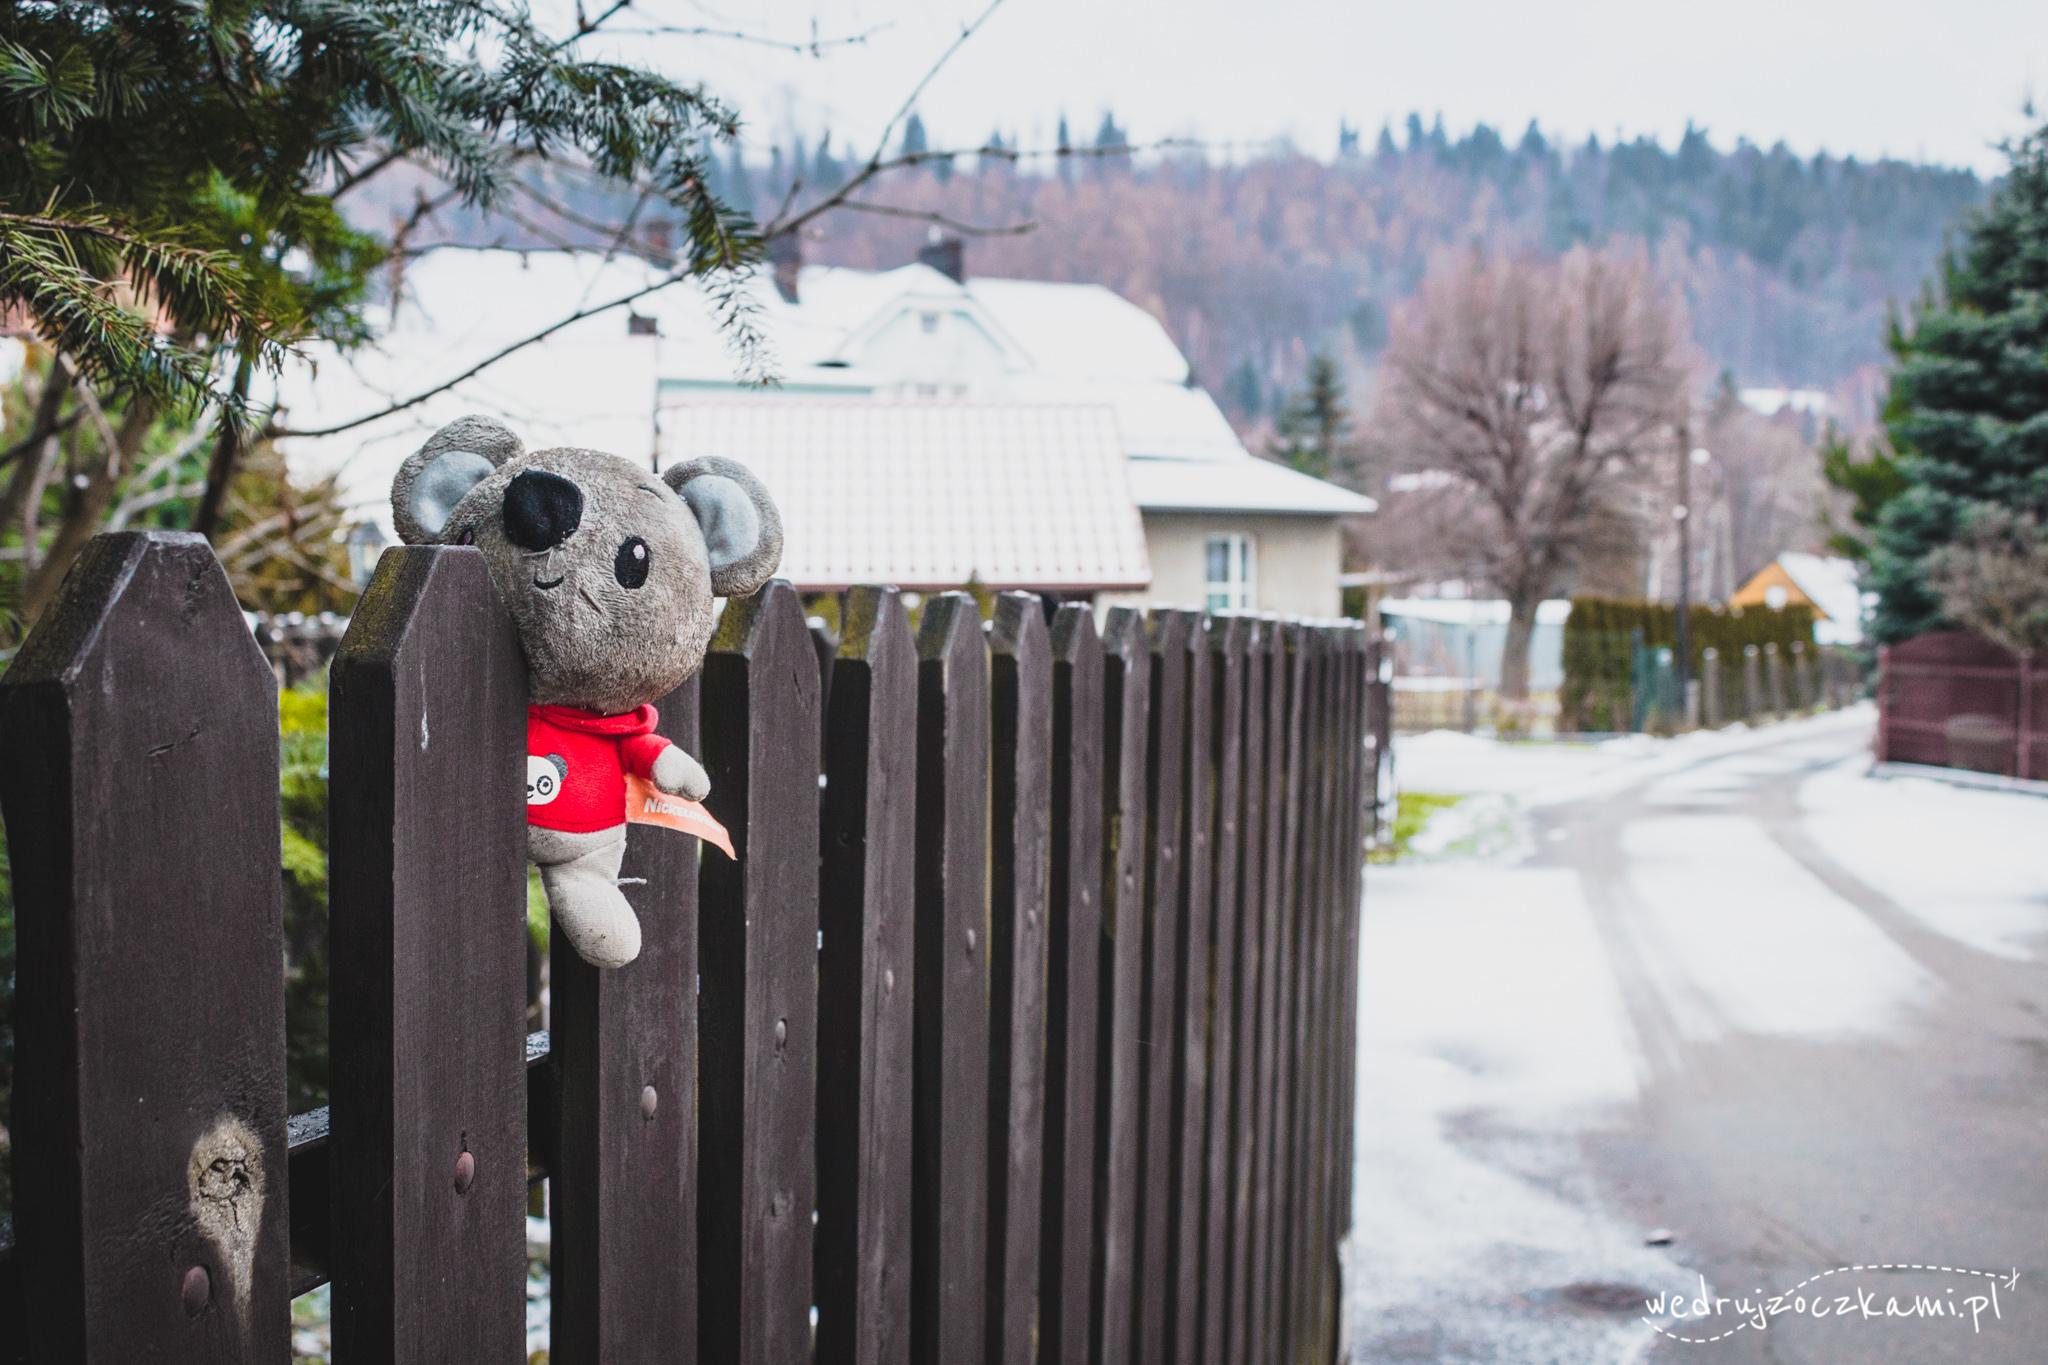 Pluszowy miś w zimowej scenerii